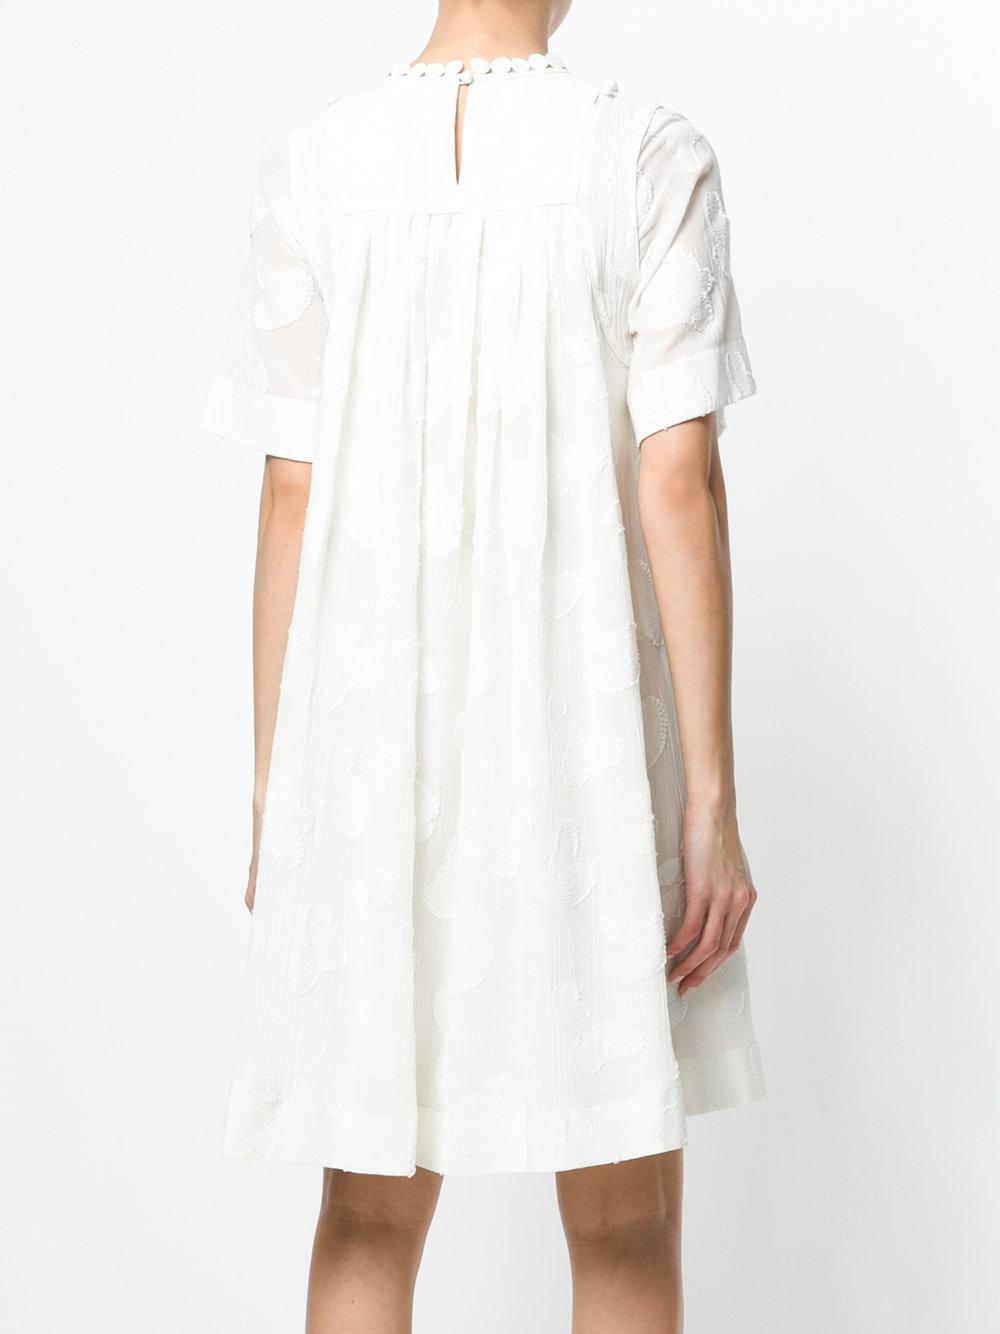 blanco blanco vestido Mini vestido Chloé blanco bordado bordado bordado Mini Chloé Chloé bordado Mini vestido Mini vestido aw85qCwz